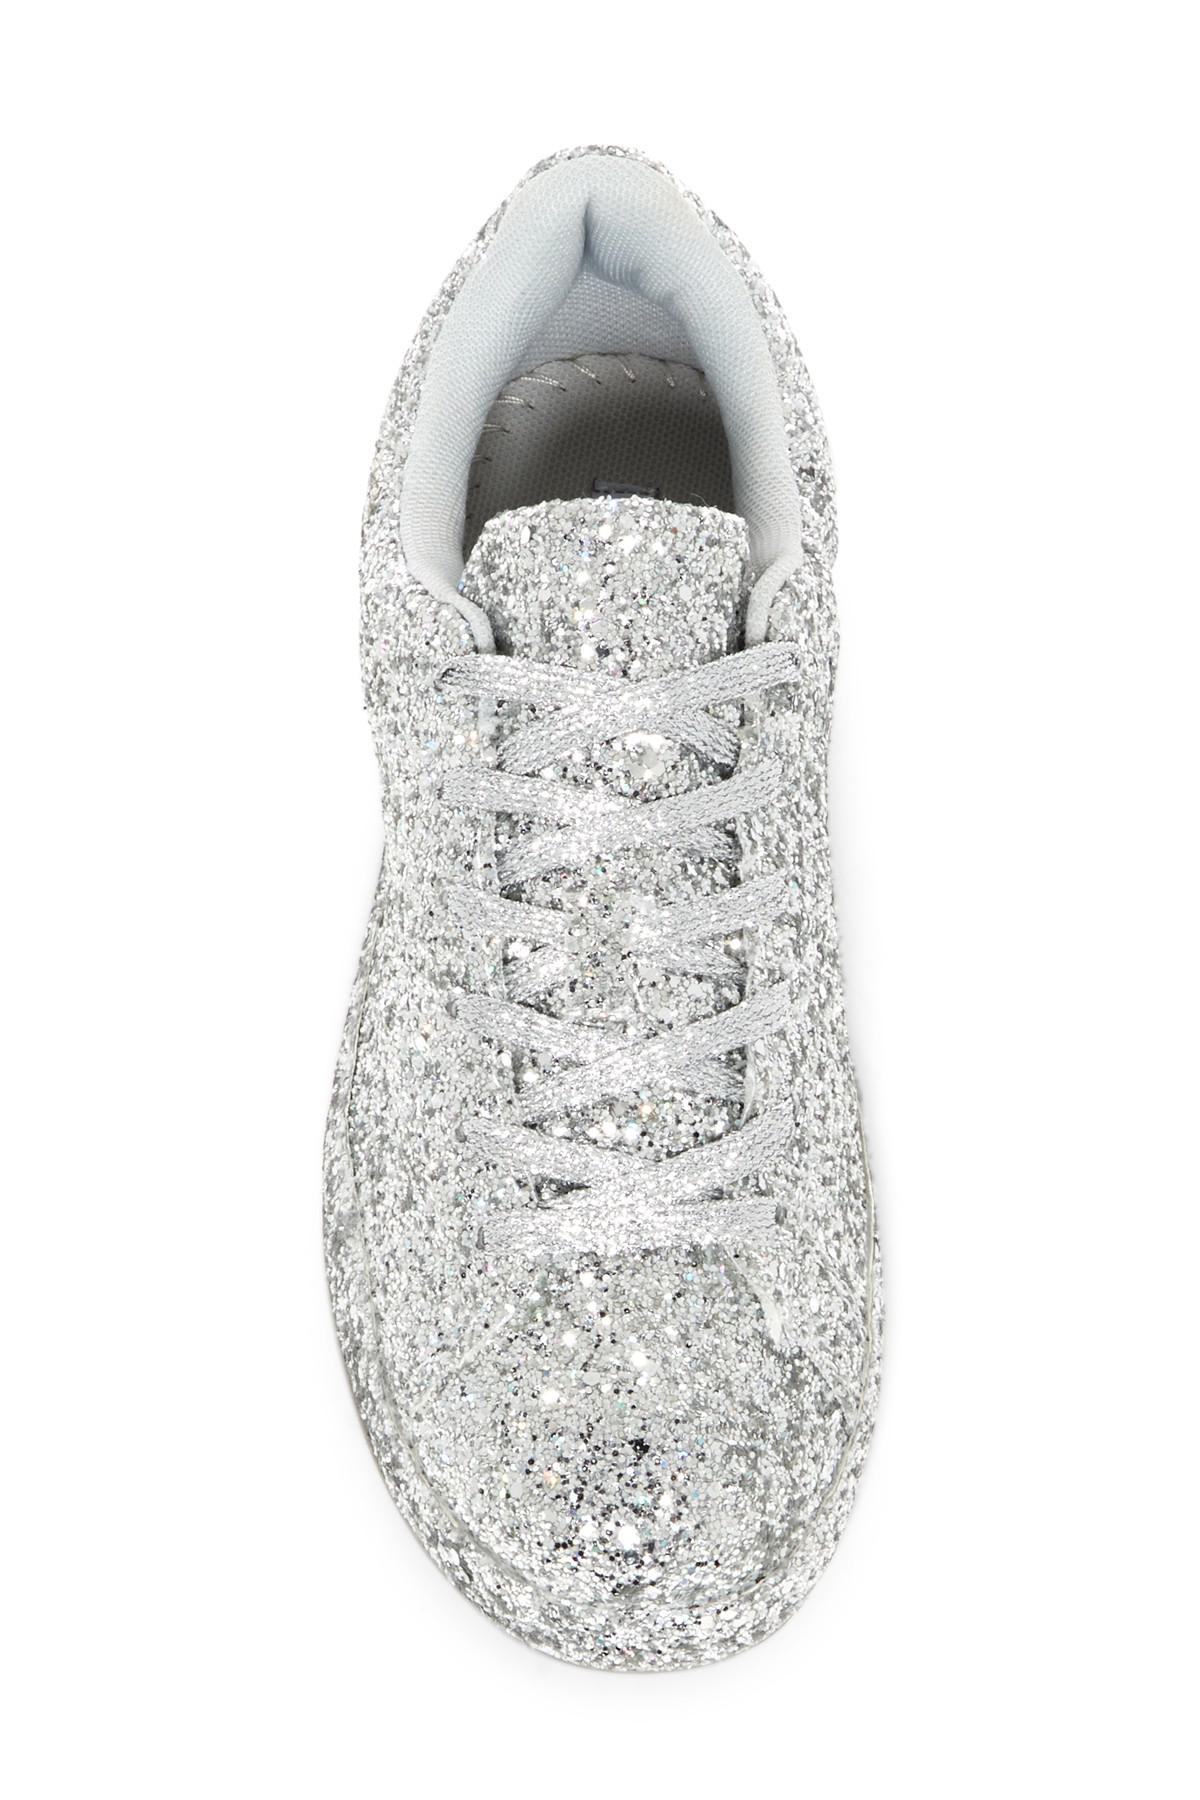 Cape Robbin Snappy Glitter Sneaker in